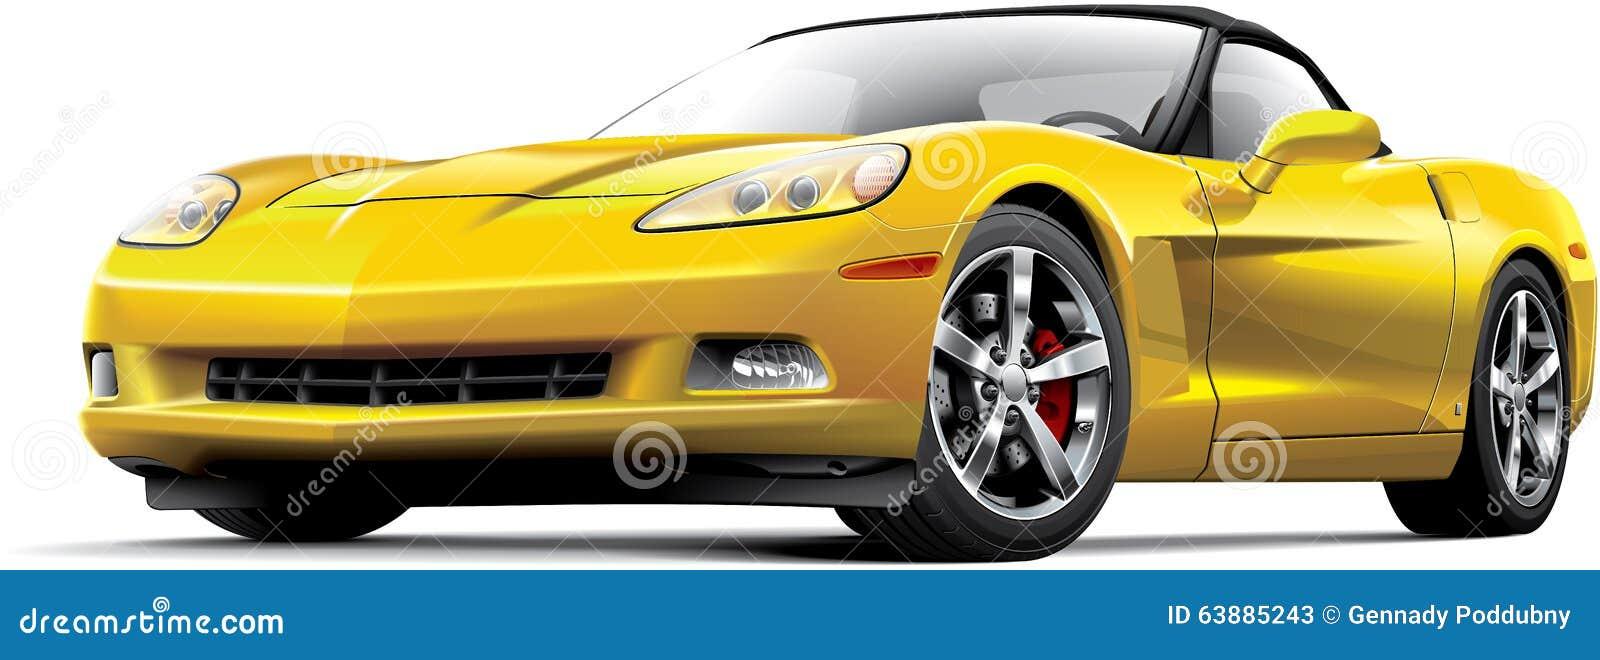 Американский роскошный автомобиль спорт